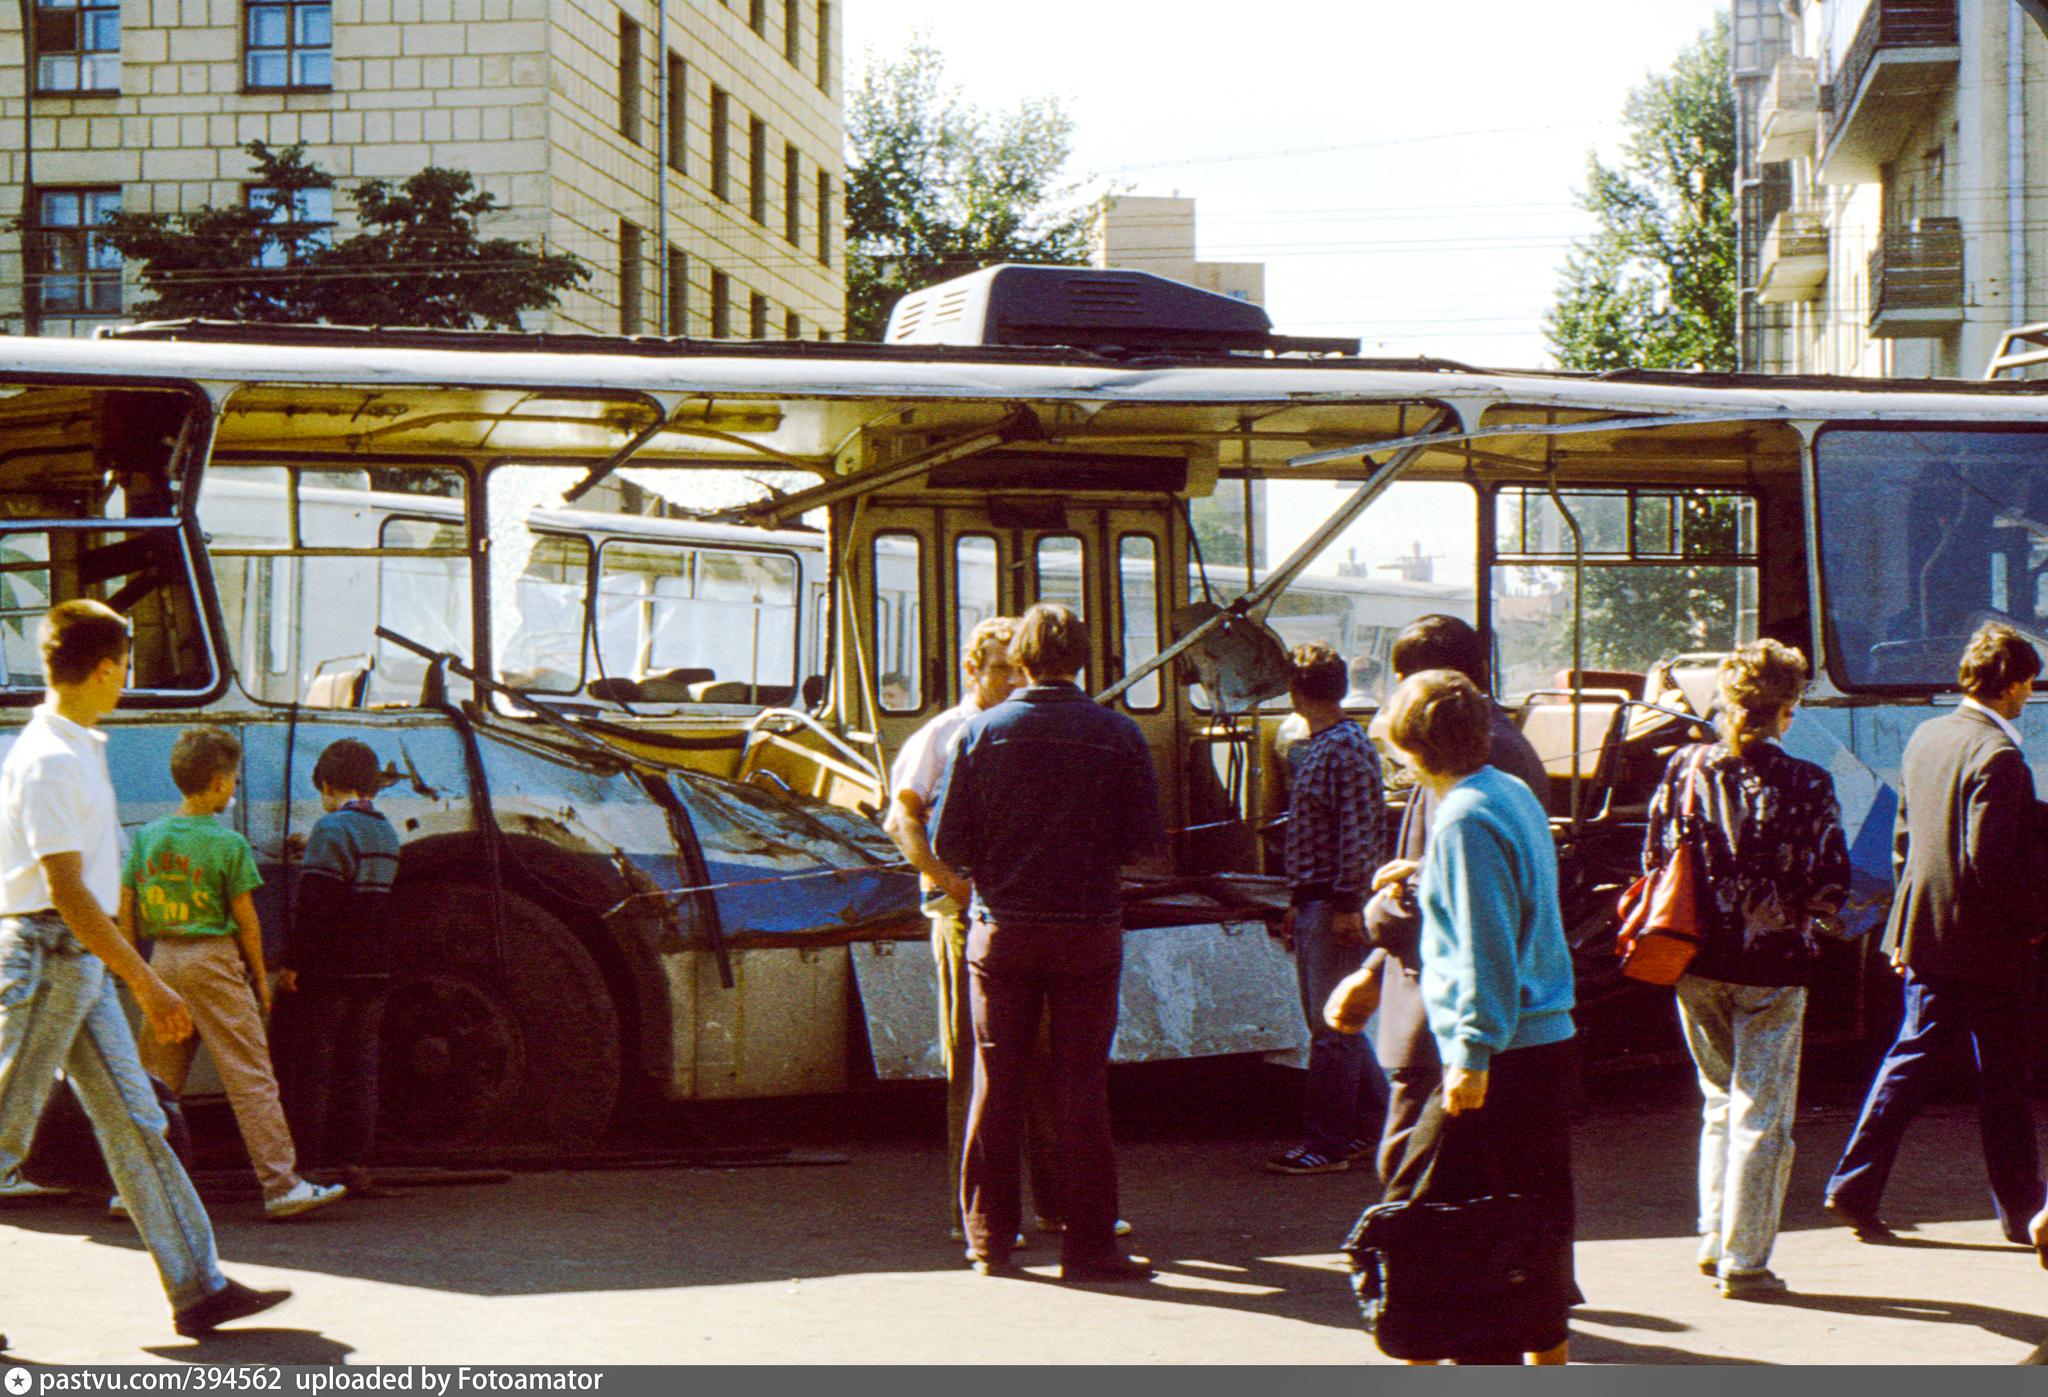 Москвичи осматривают последствия столкновений между военными и сторонниками президента РСФСР Бориса Ельцина. Центр Москвы. 21 августа 1991 года